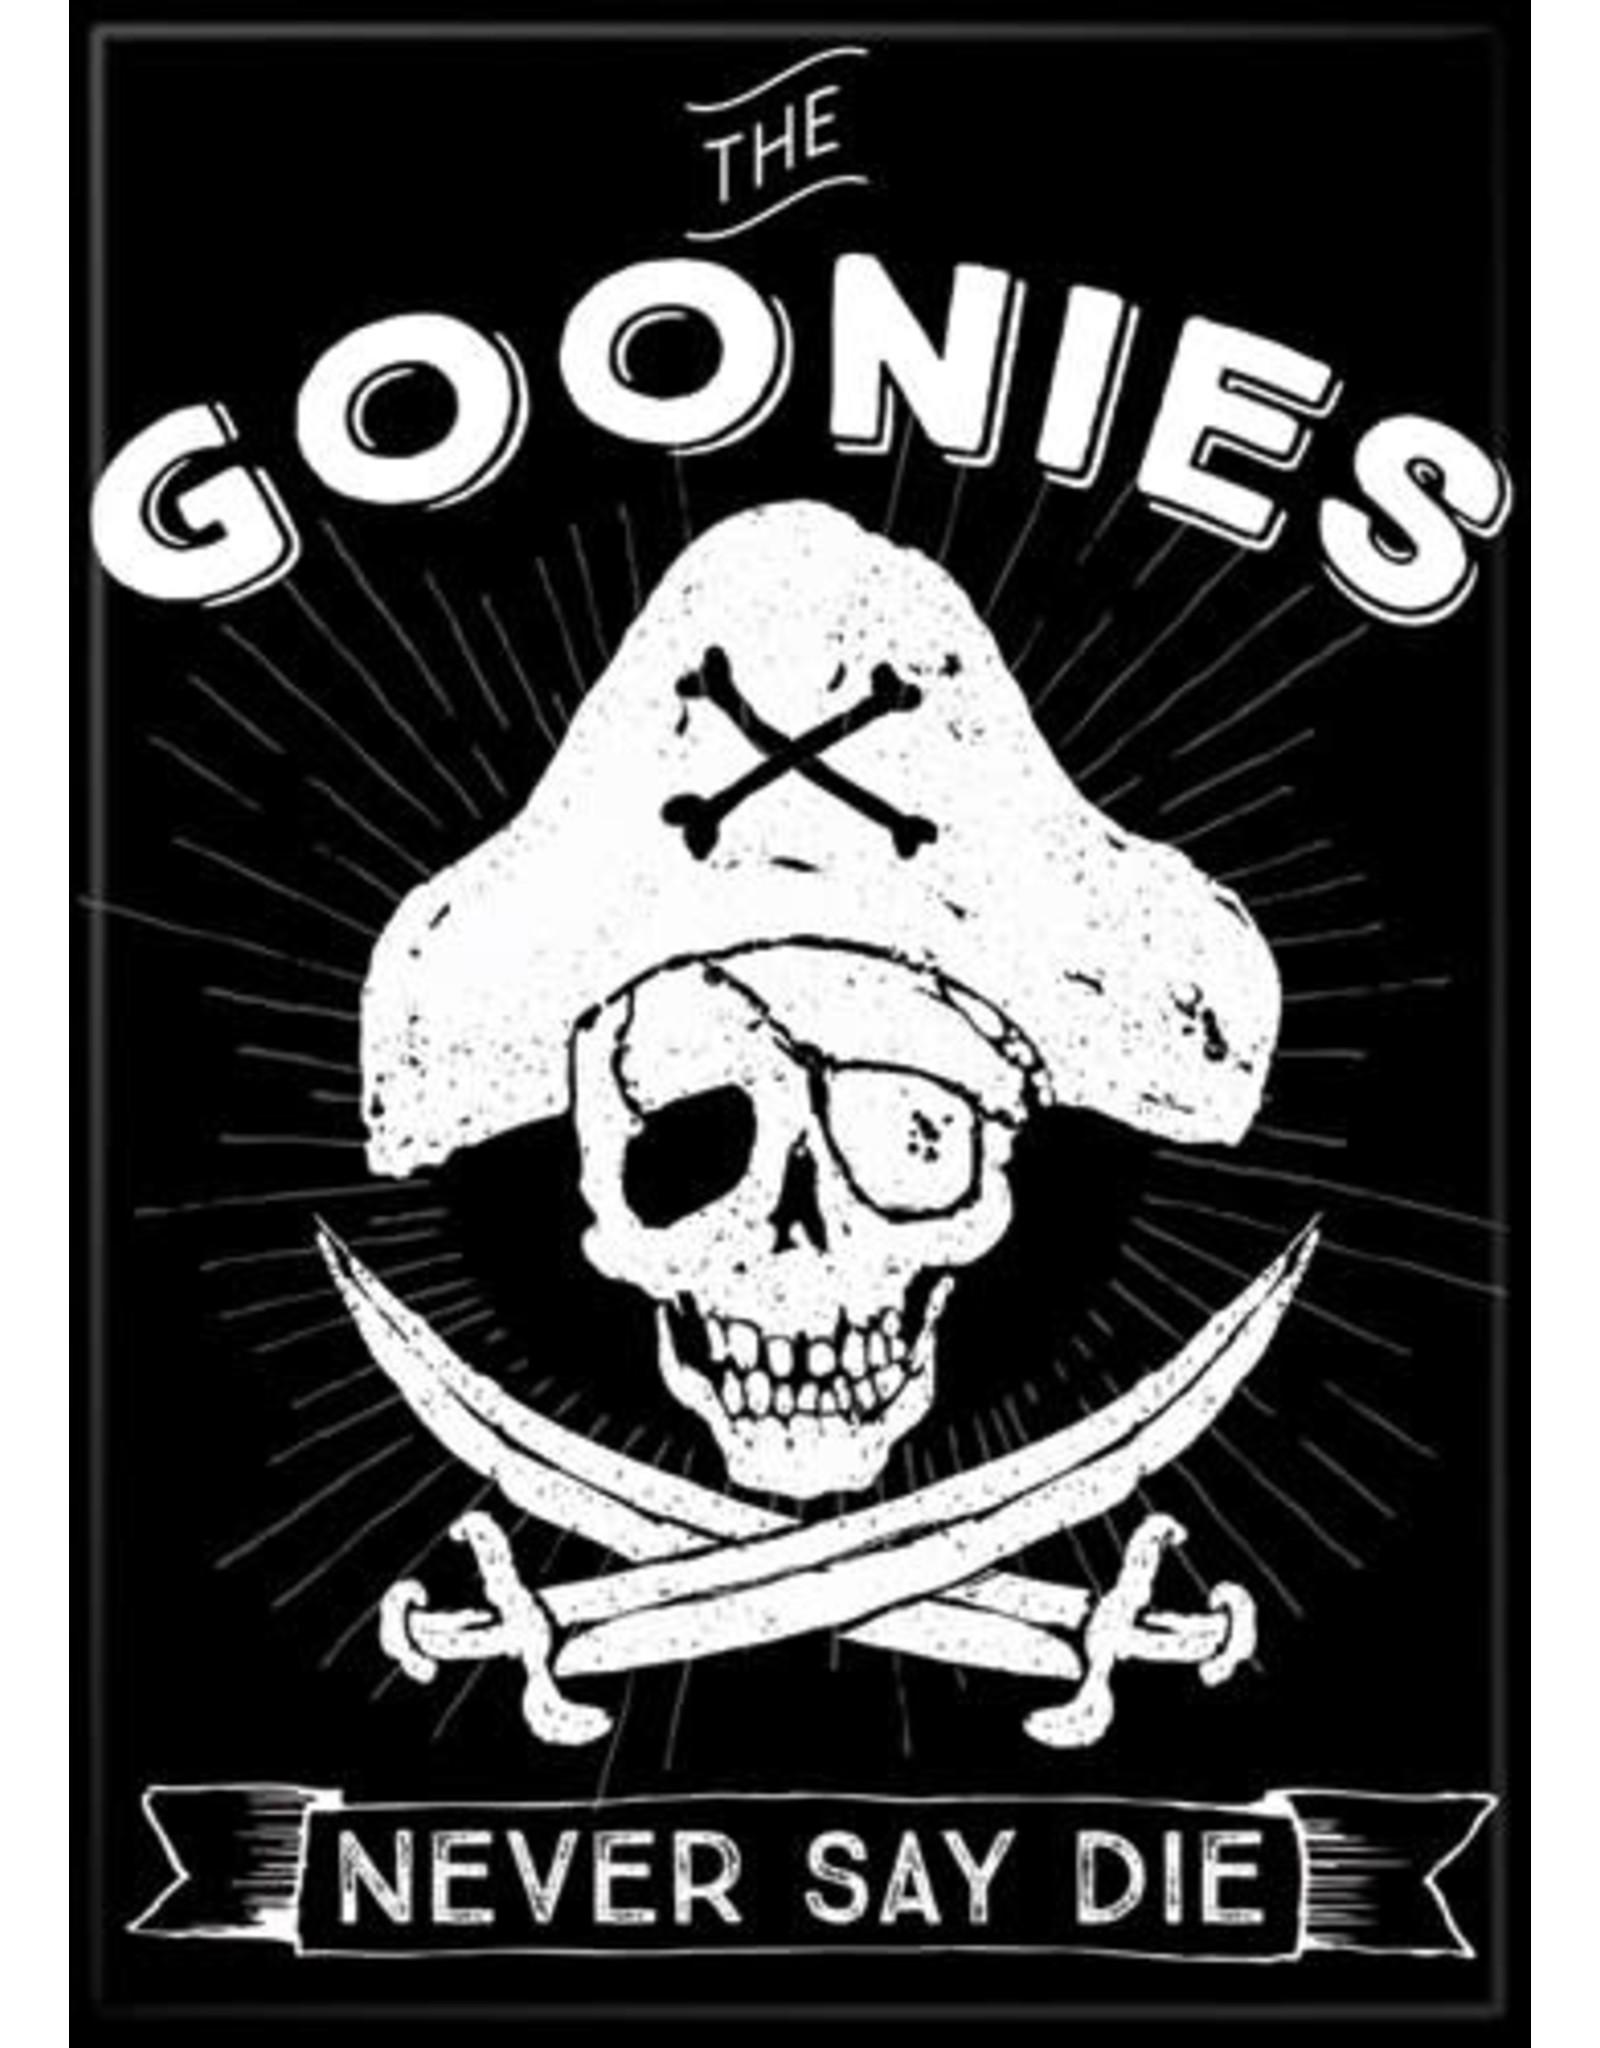 Goonies Never Say Die Black Flat Magnet